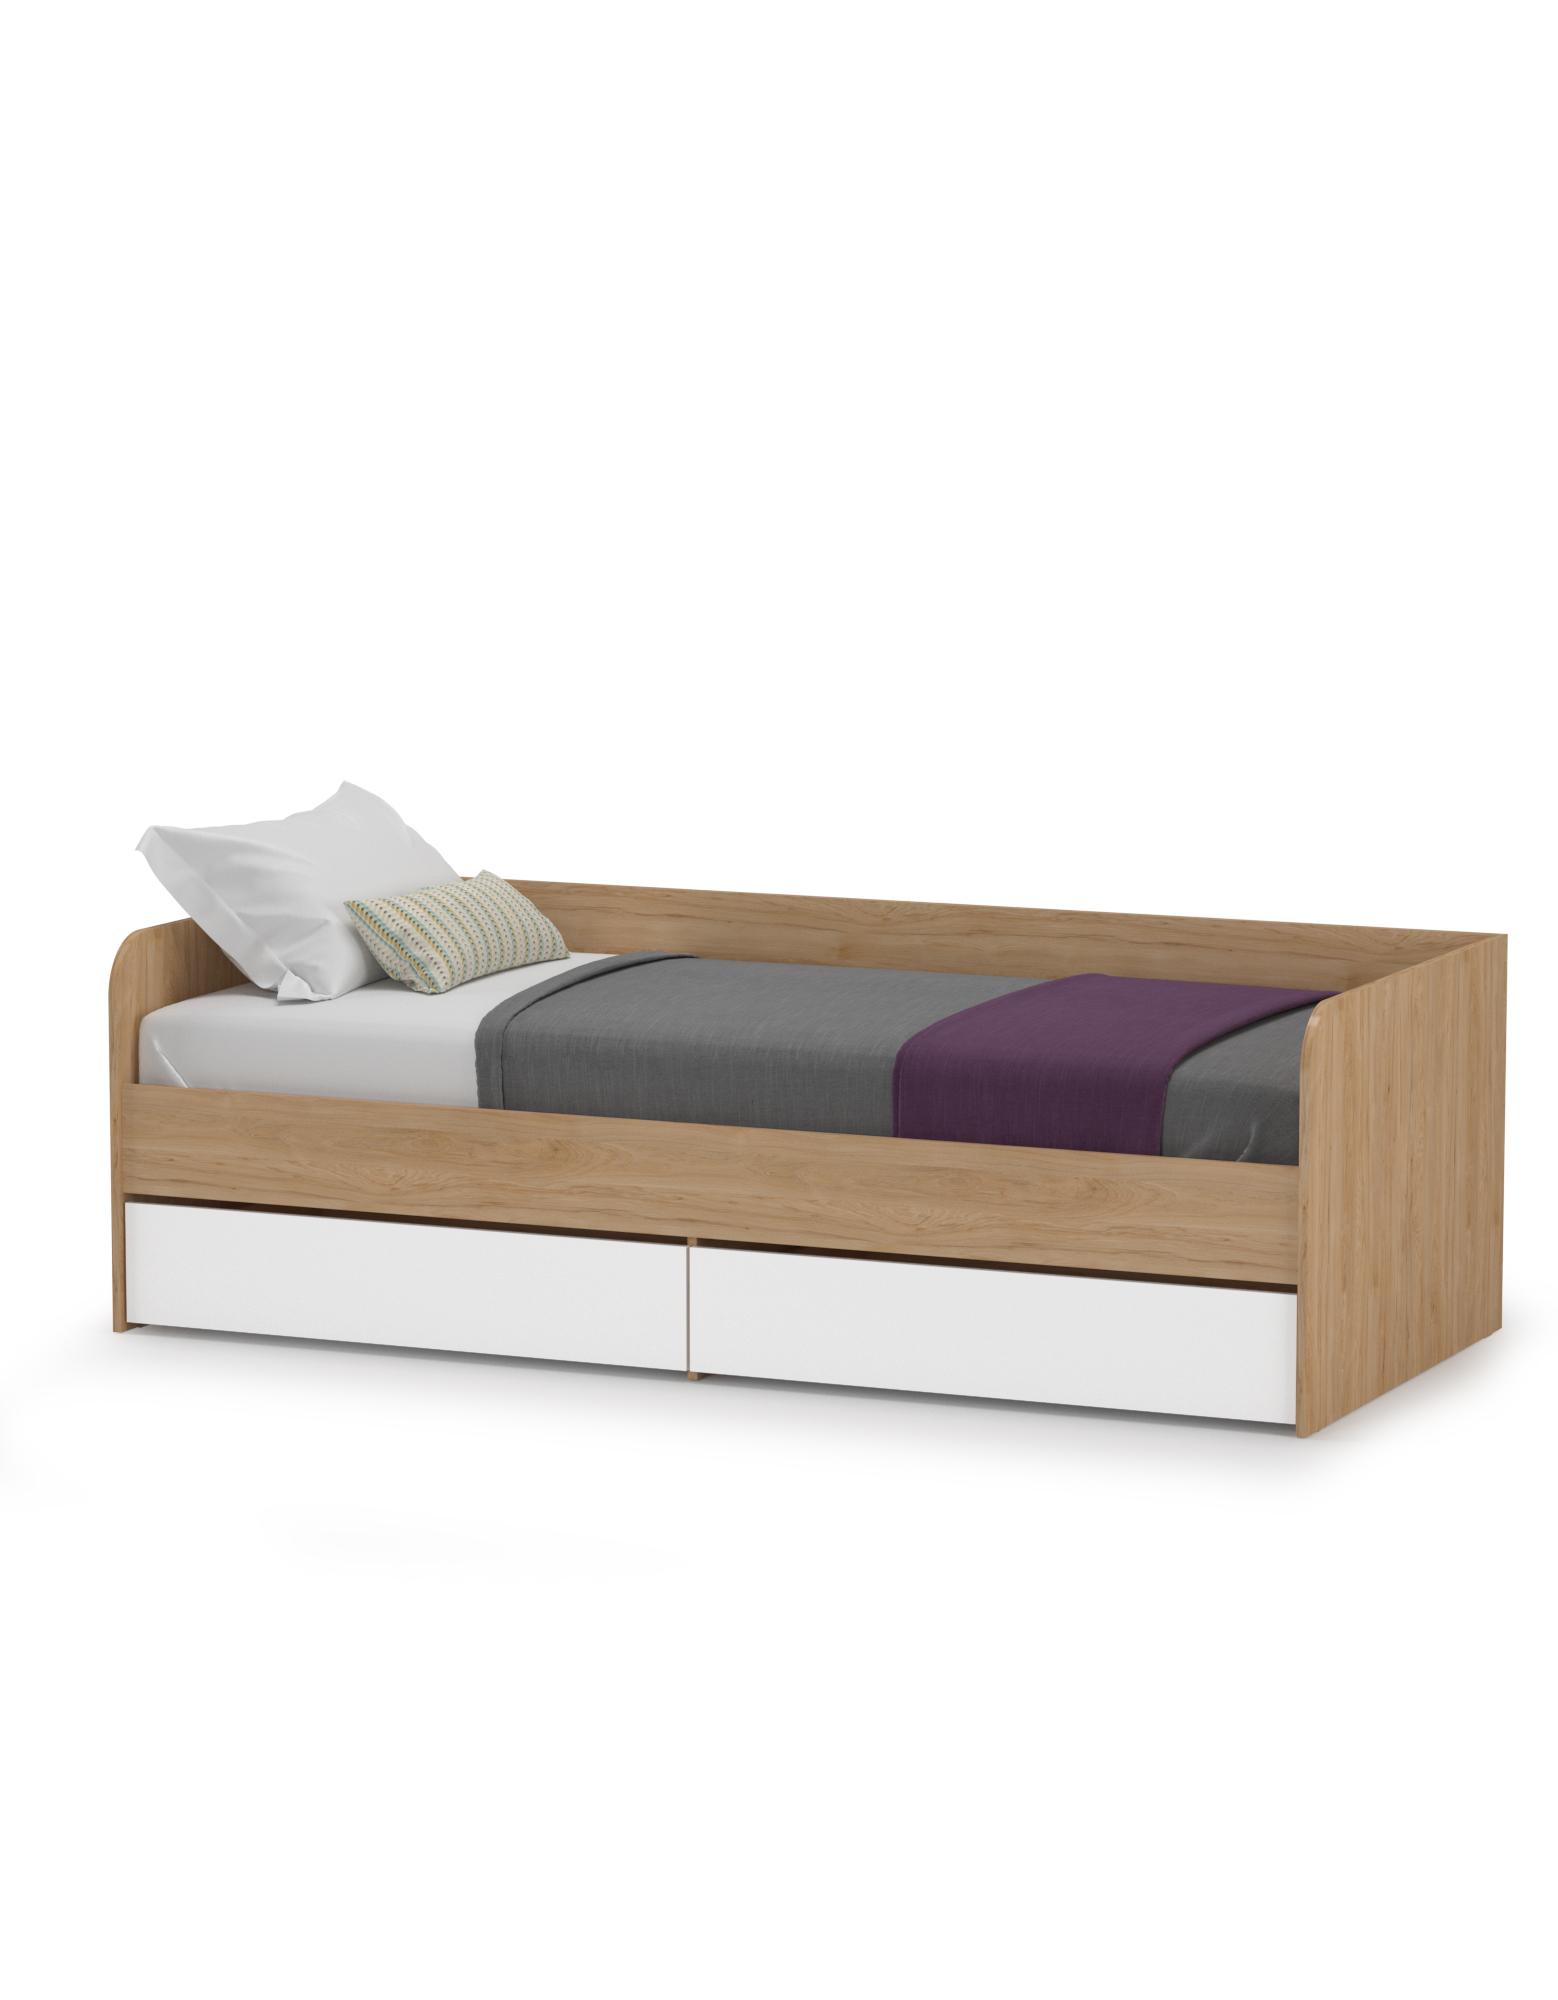 Кровать Mobi Гравити 01.34 гикори 90х200 см., фото